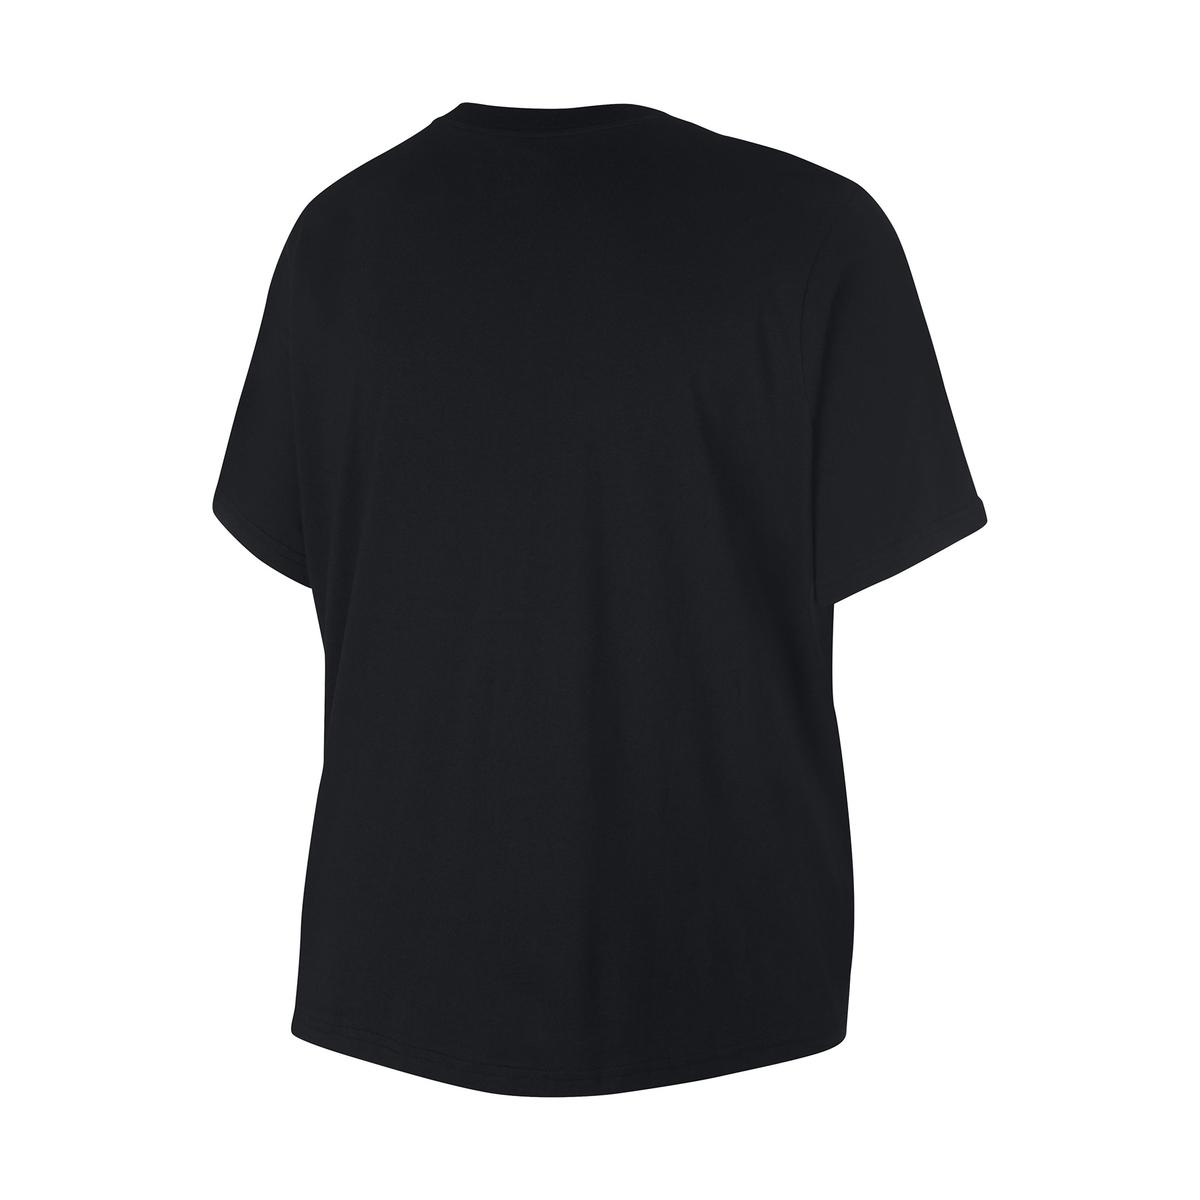 Imagen secundaria de producto de Camiseta con cuello redondo estampado y logotipo delante - Nike